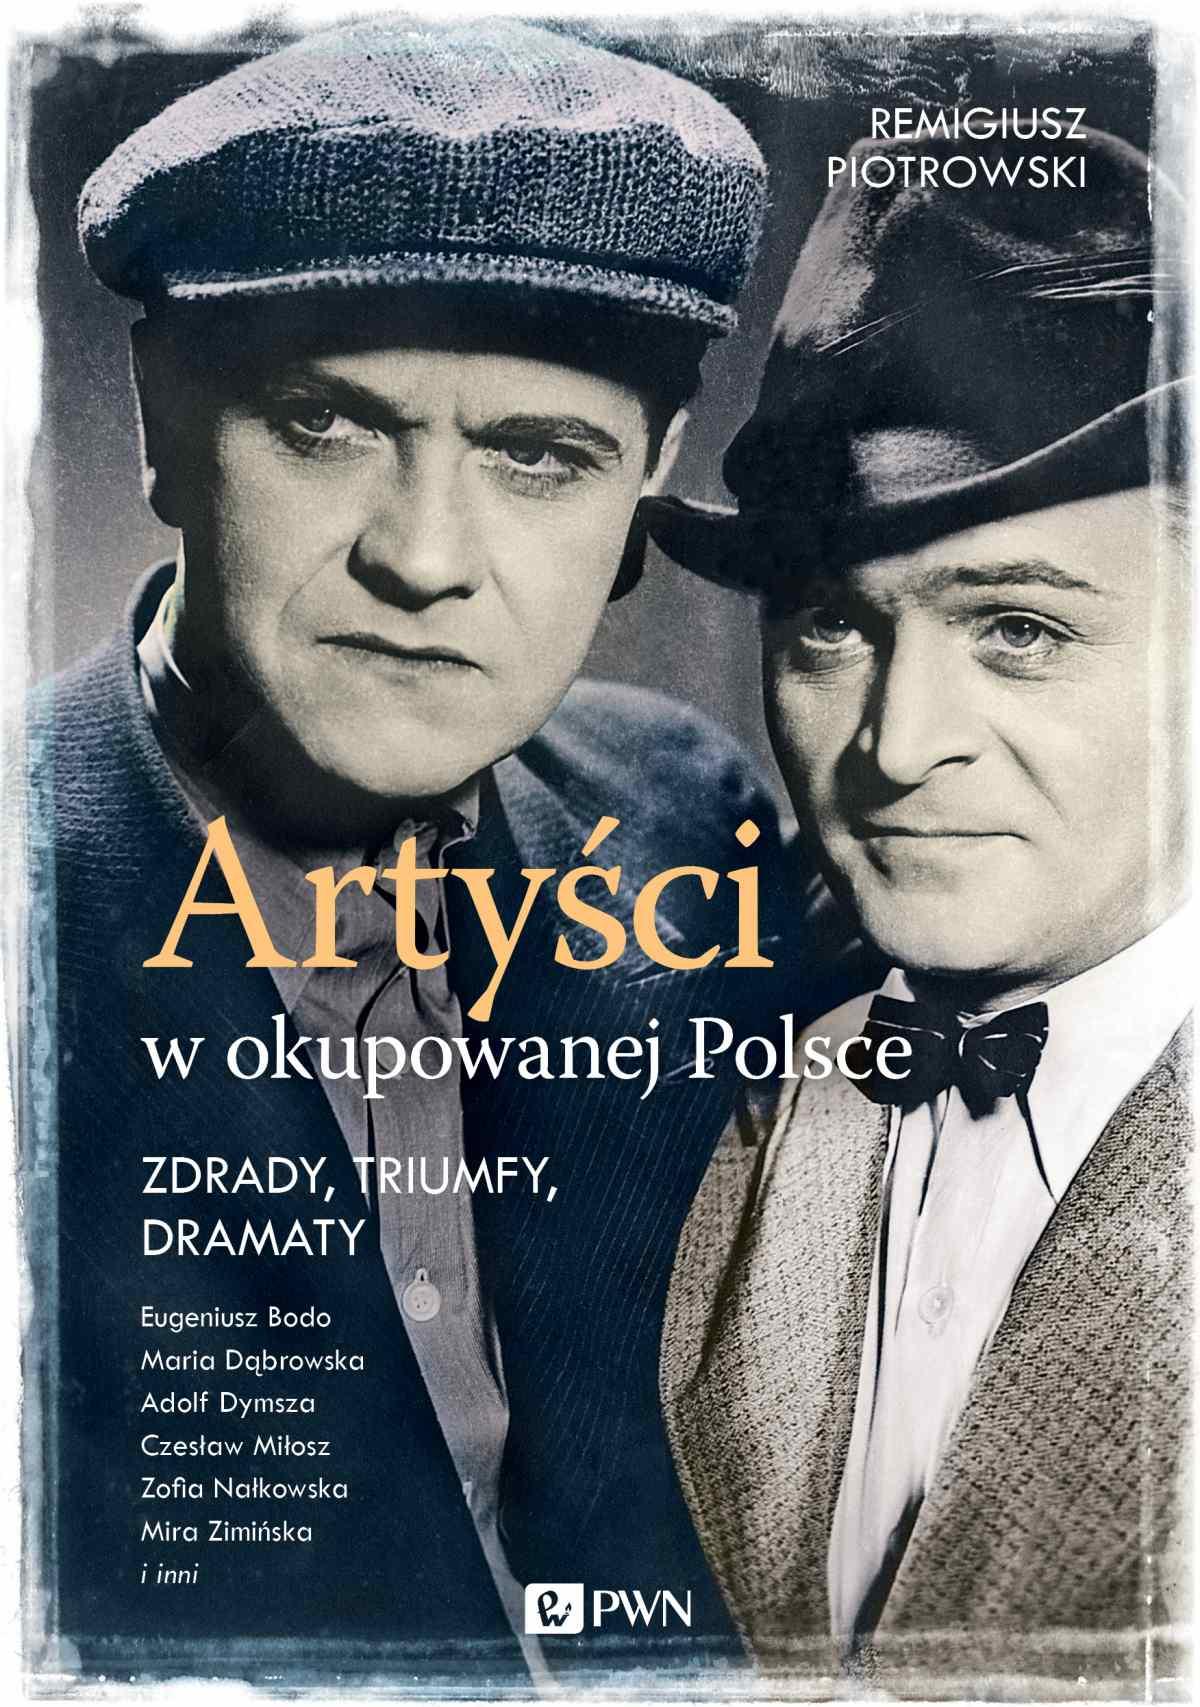 Artyści w okupowanej Polsce. Zdrady, triumfy, dramaty - Ebook (Książka na Kindle) do pobrania w formacie MOBI